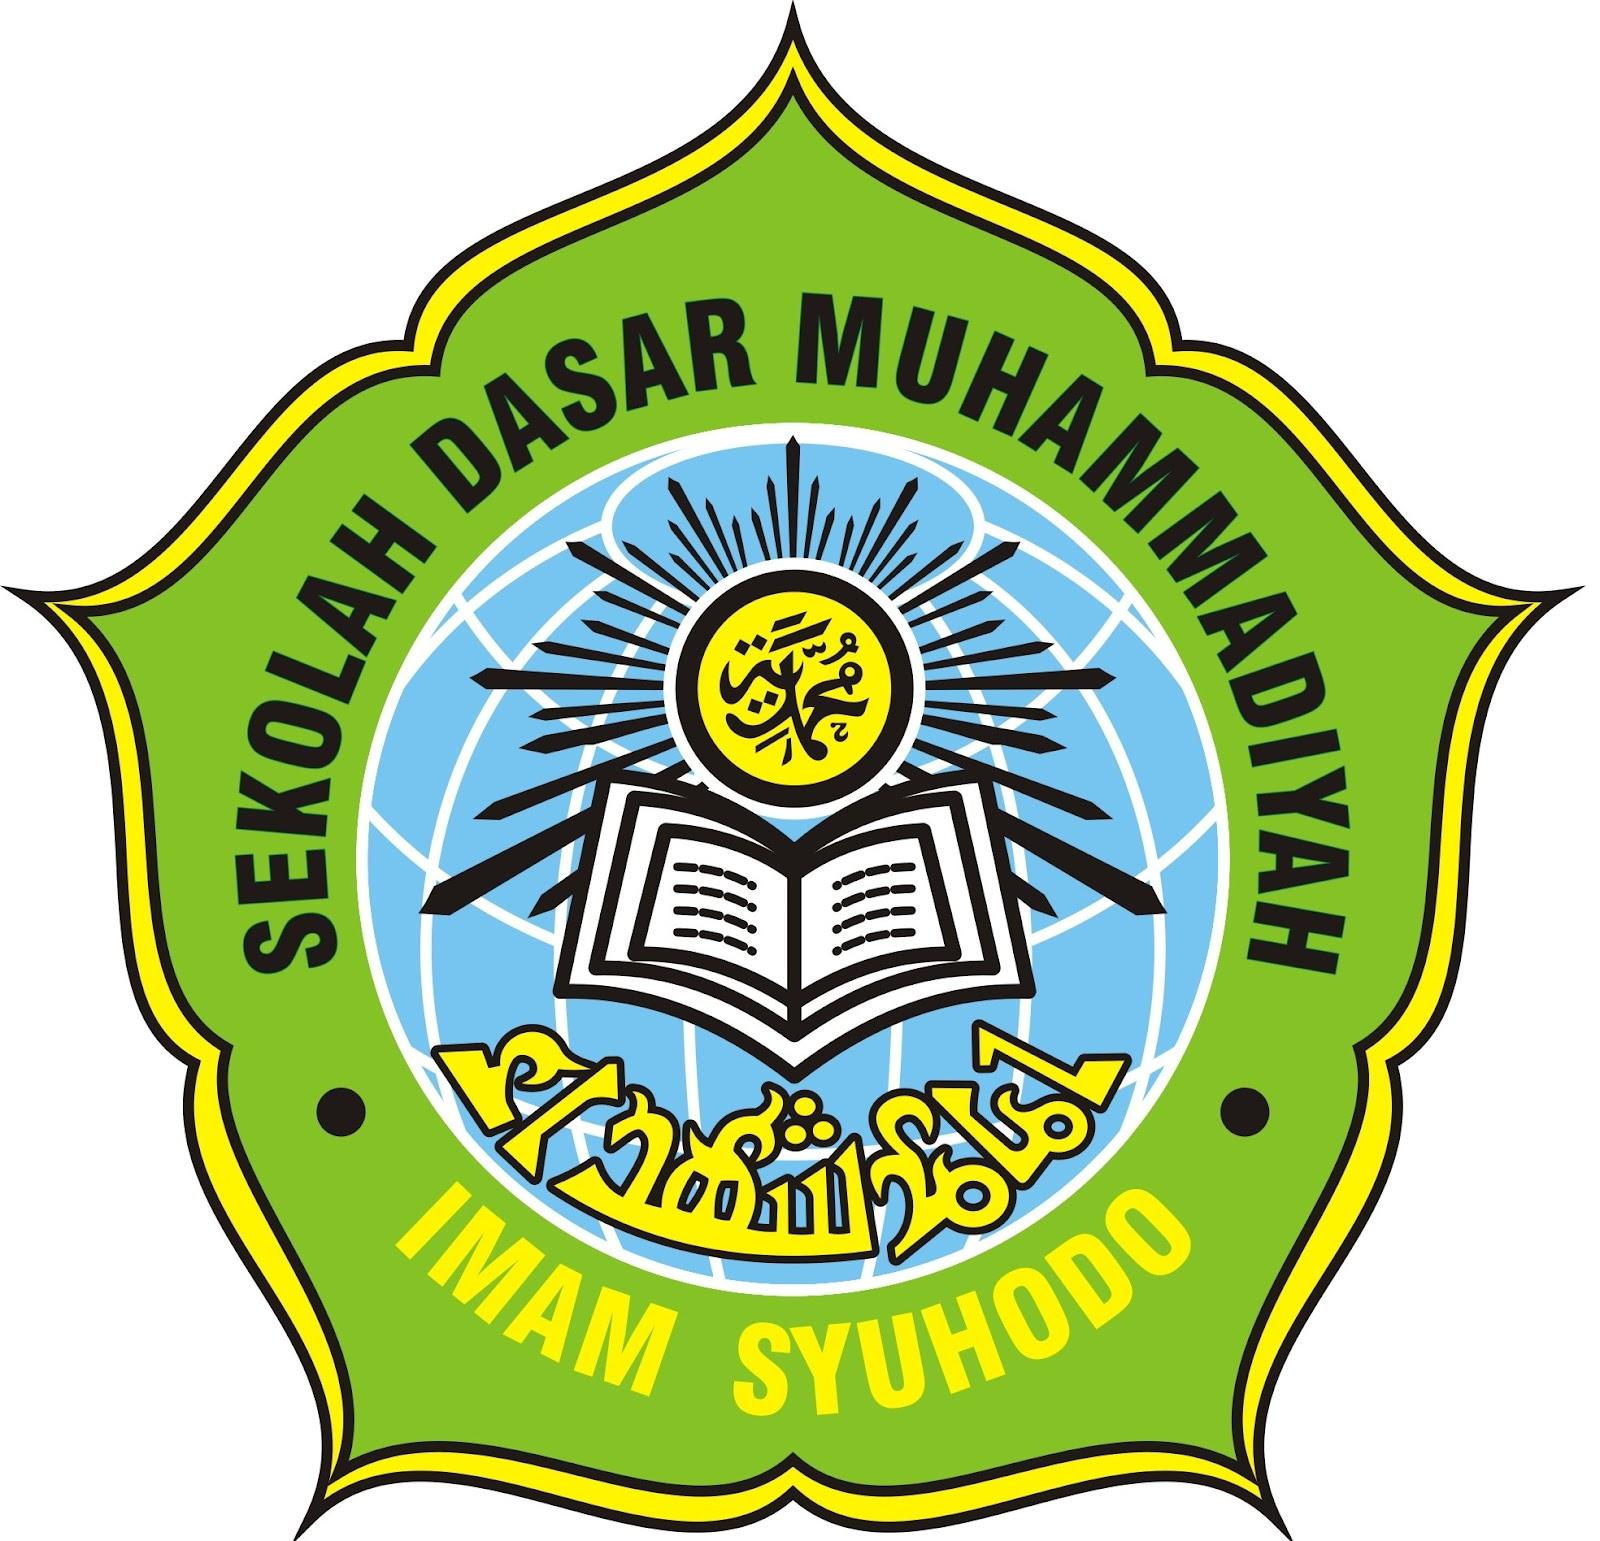 MUHAMMADIYAH FULL DAY SCHOOL OF IMAM SYUHODO: SD